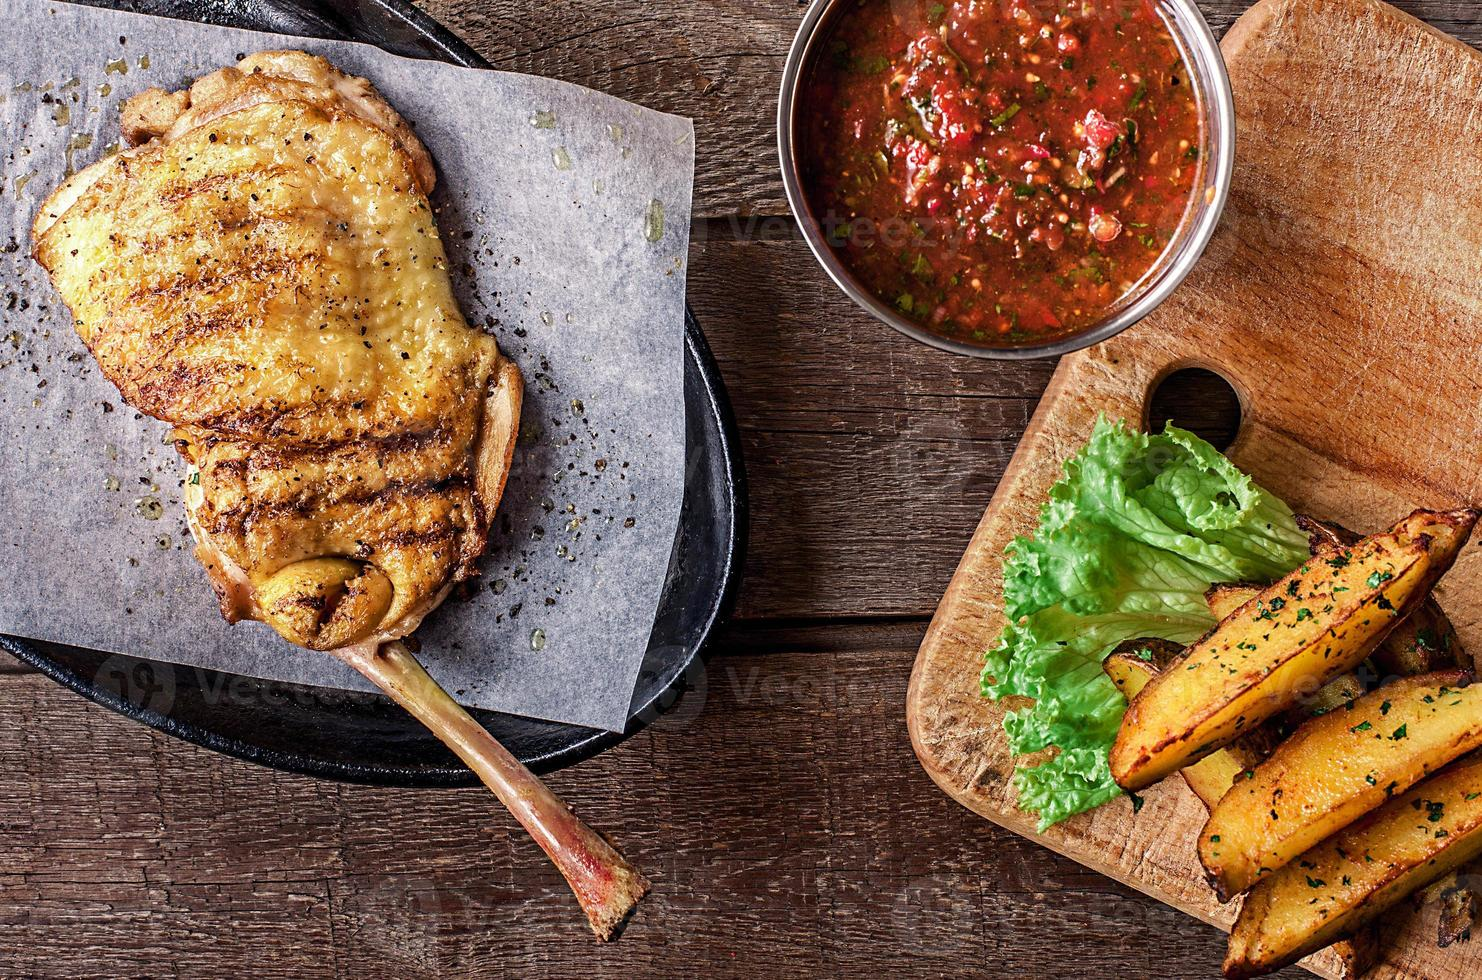 gebakken kippenvlees met been, aardappelpartjes, sla foto